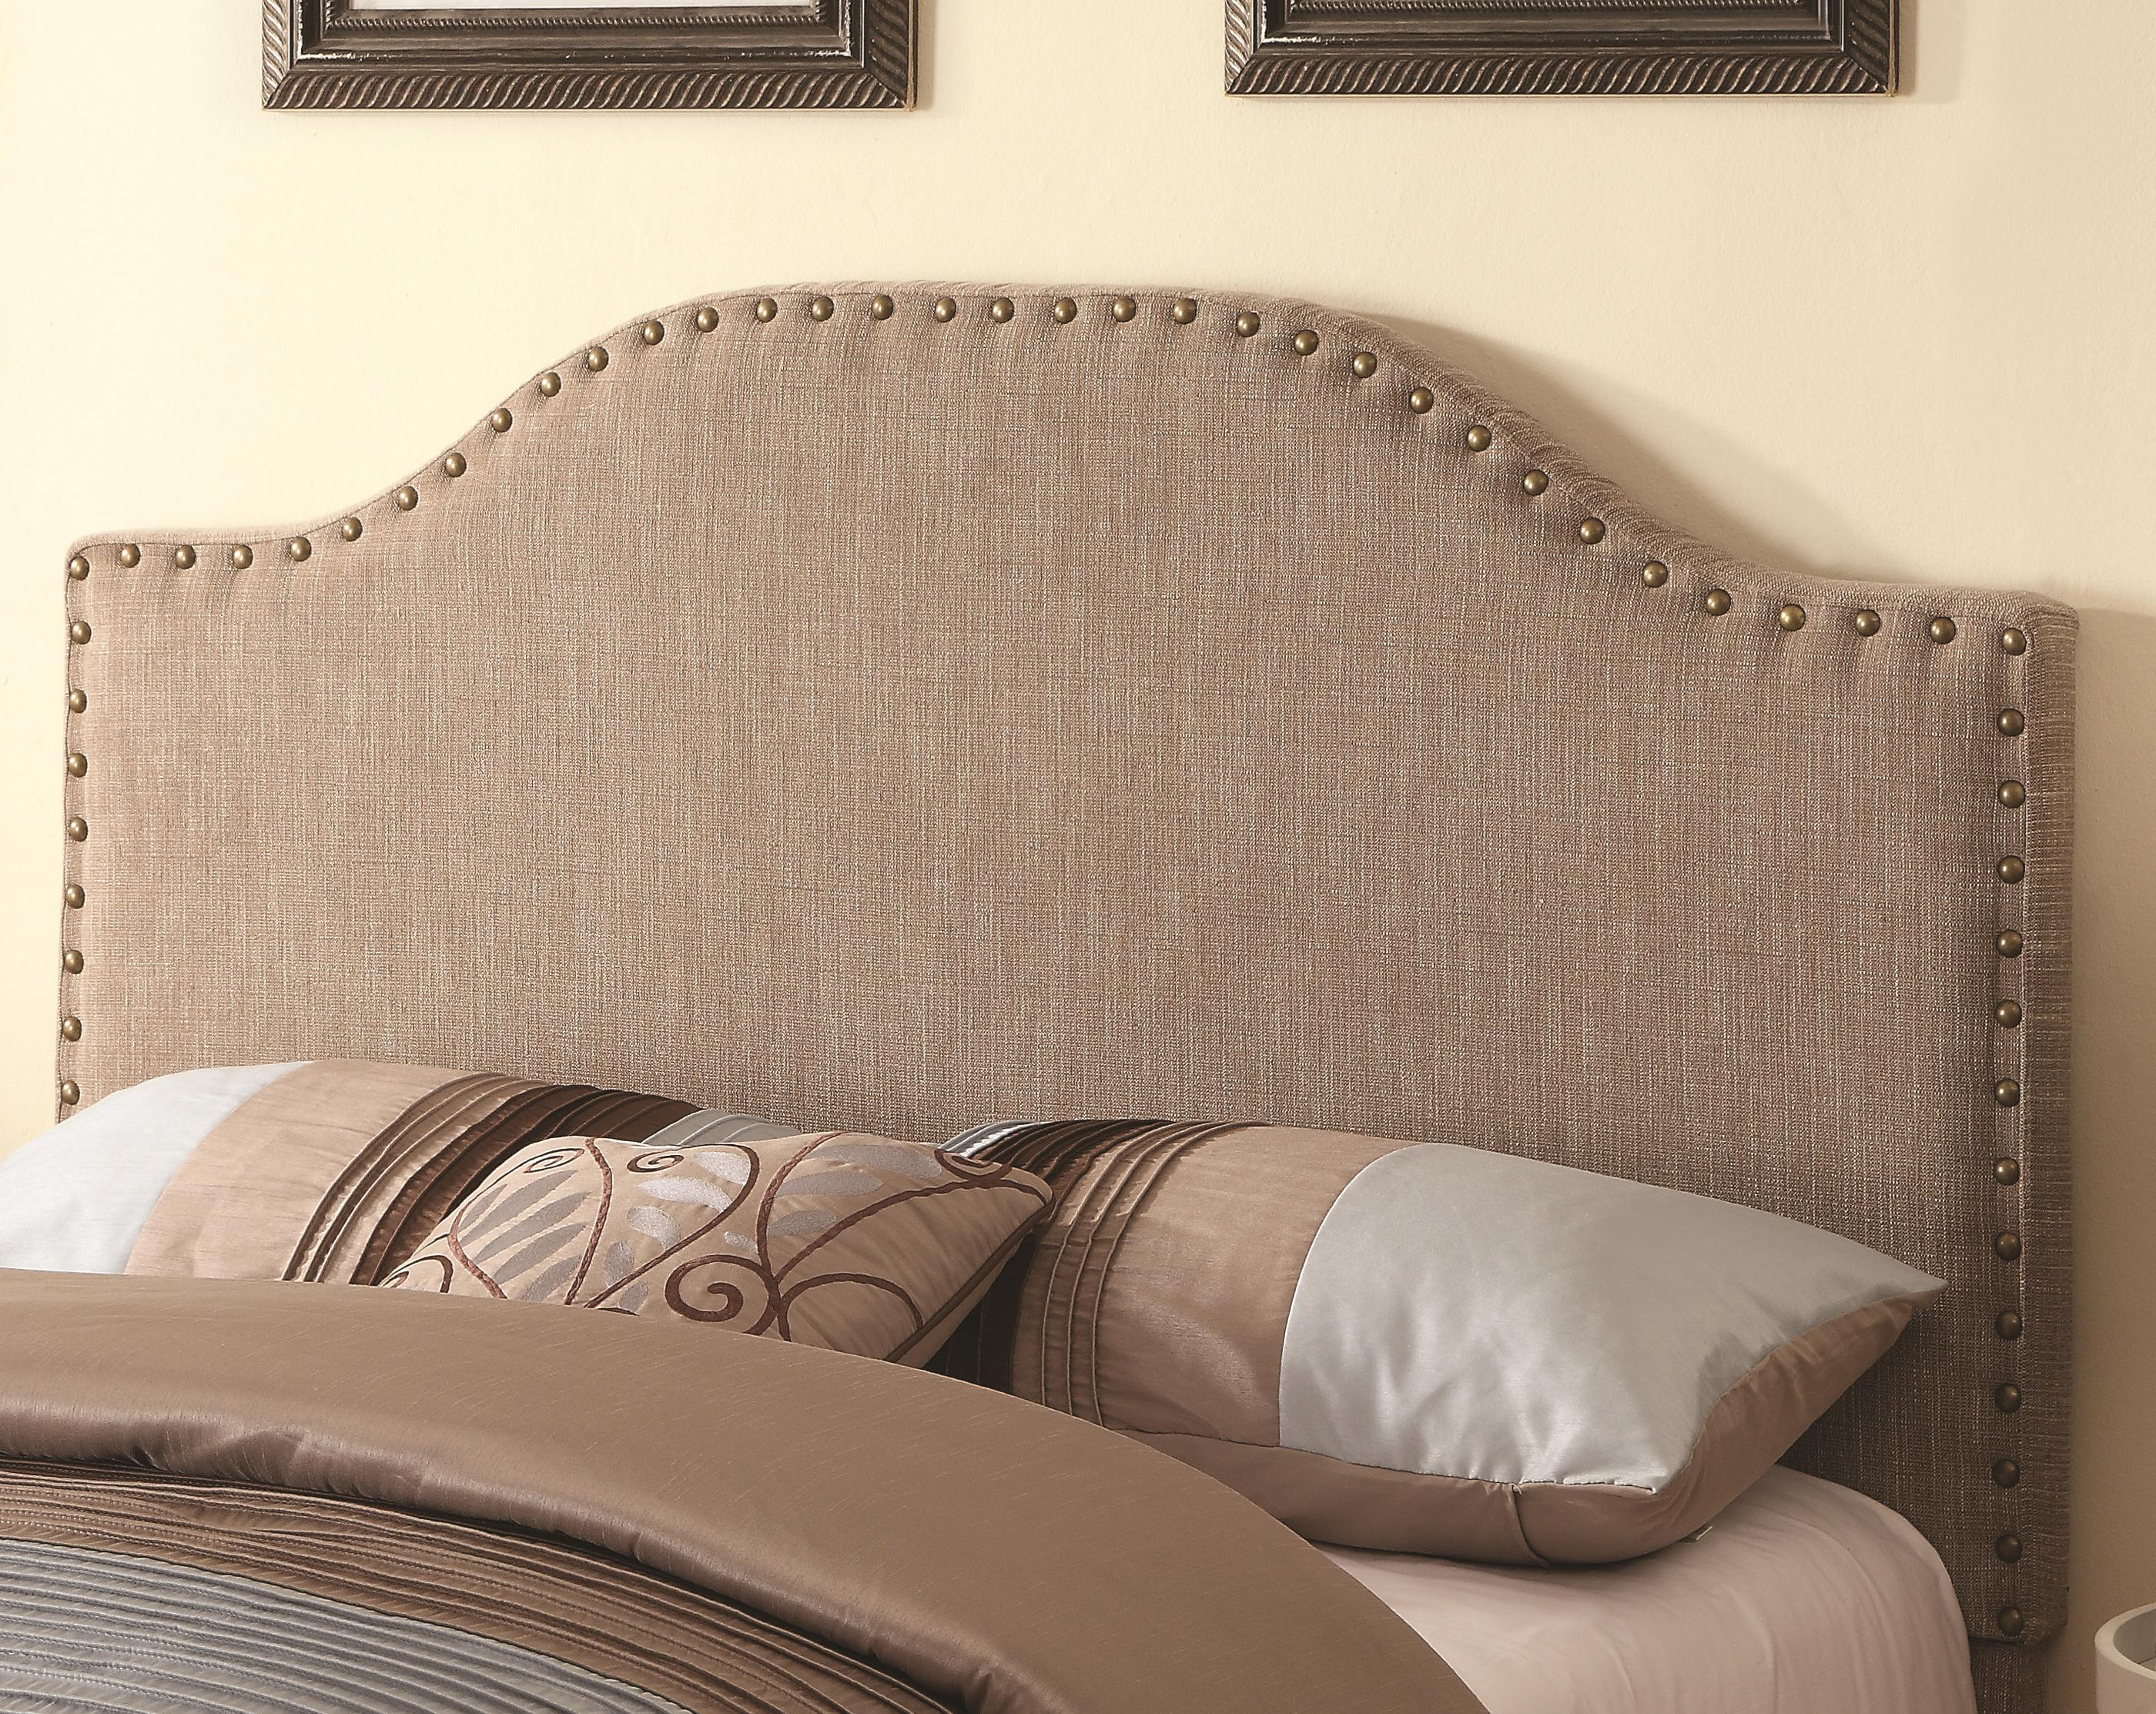 Coaster Upholstered Beds Upholstered Headboard - Item Number: 300223